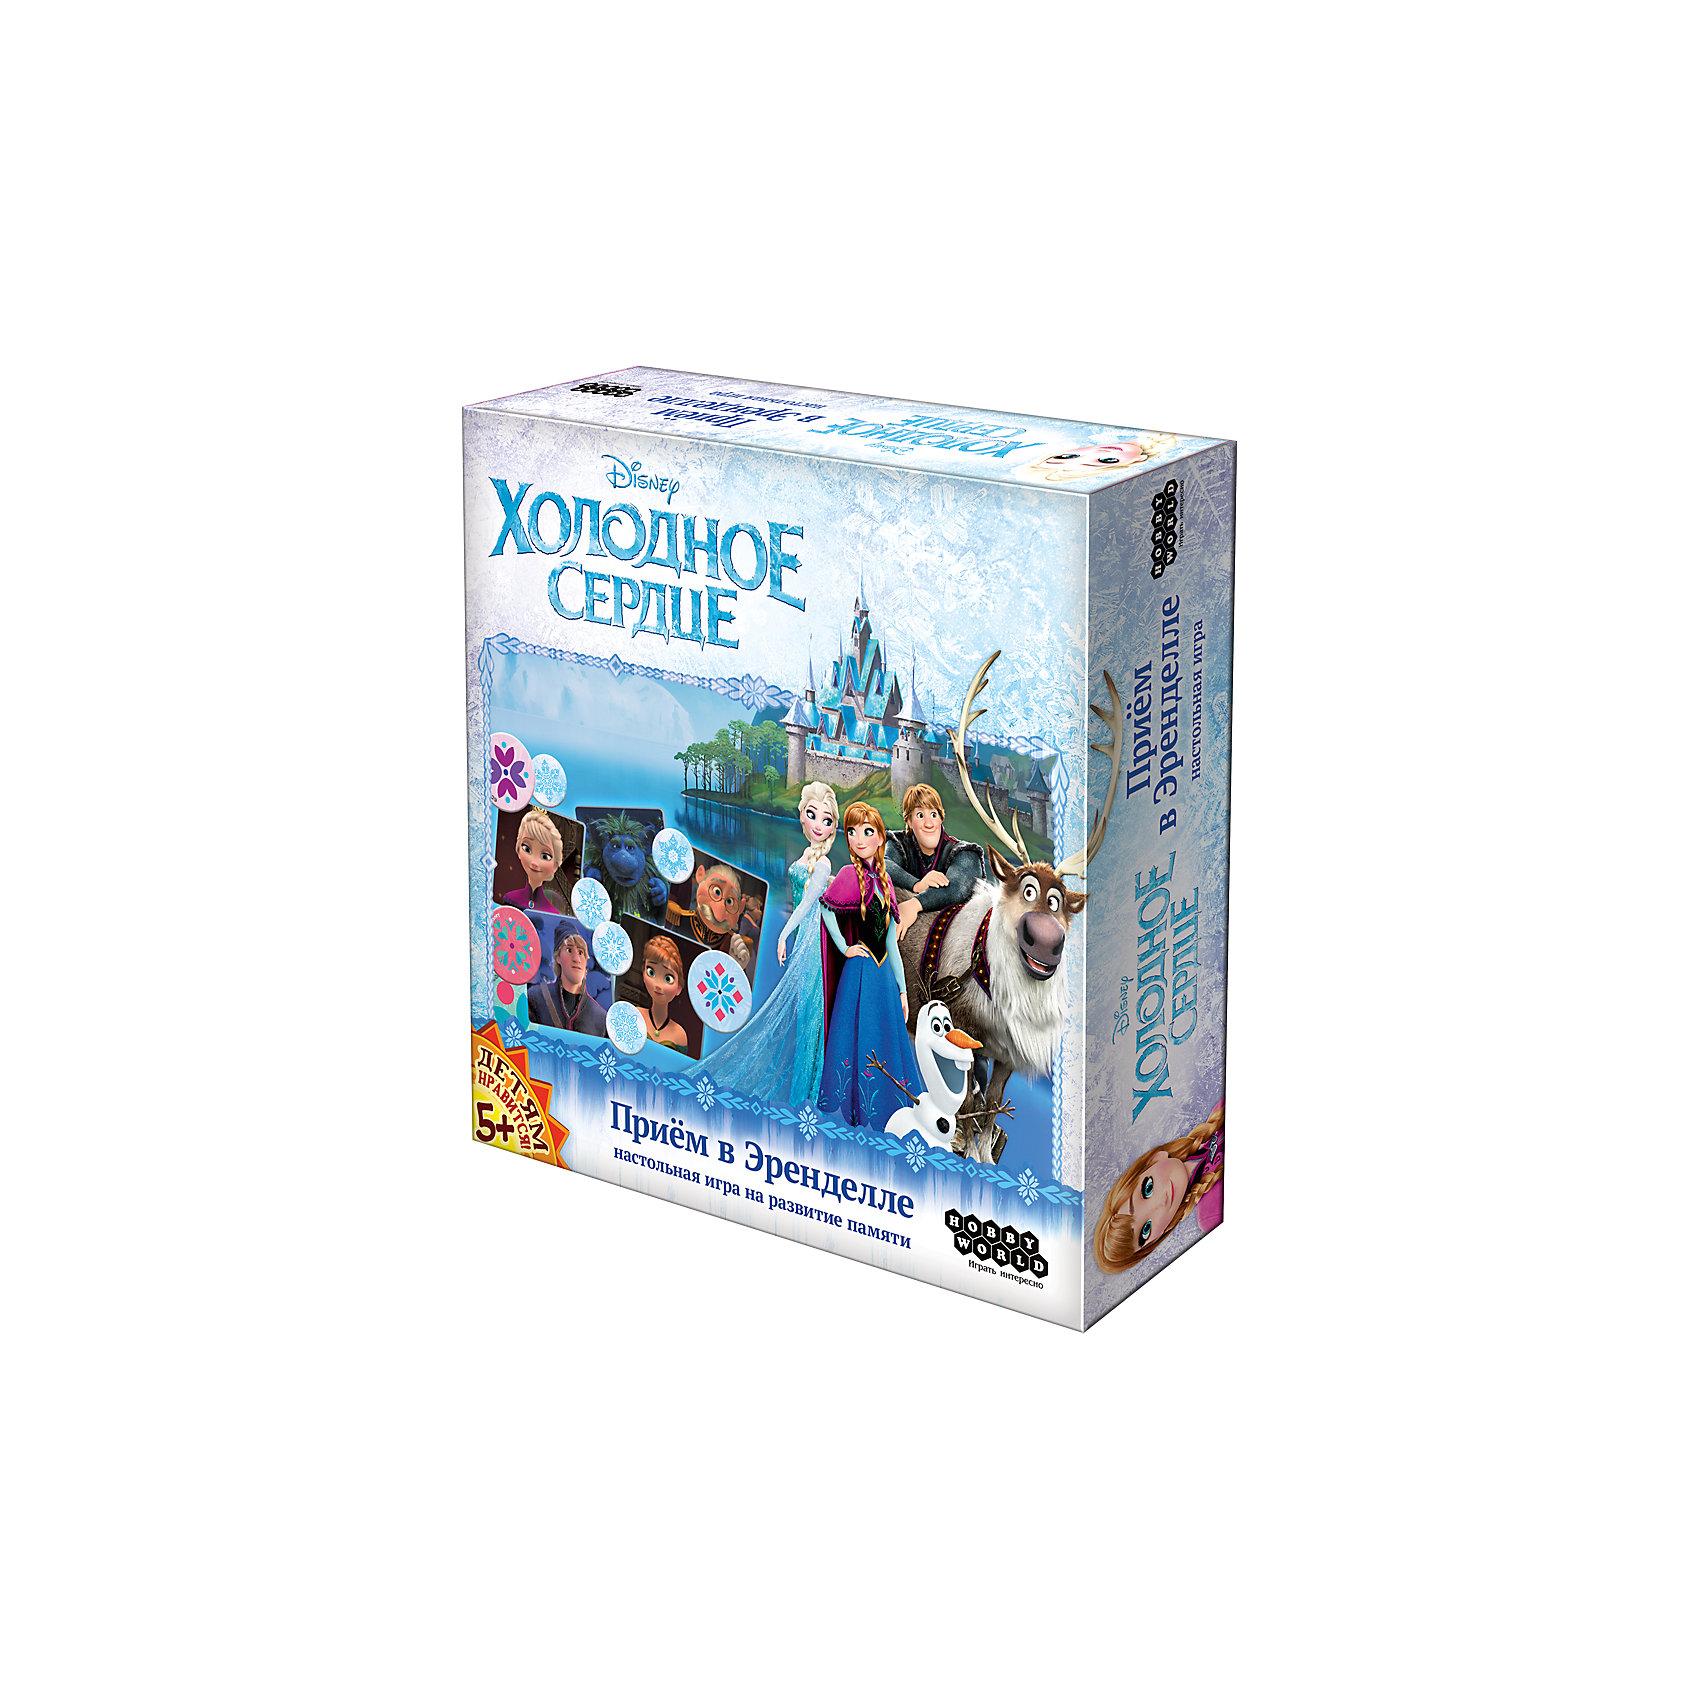 Игра Холодное Сердце: Прием в Эренделле,  Hobby WorldИгры мемо<br>Характеристики товара:<br><br>• возраст: от 5 лет;<br>• материал: картон;<br>• количество игроков: 2-5 человек;<br>• время игры: от 20 минут;<br>• в комплекте: 18 квадратов с персонажами, 5 планшетов, 10 жетонов игроков, 50 жетонов очков, правила игры;<br>• размер упаковки 20,5х20,5х4,5 см;<br>• вес упаковки 404 гр.;<br>• страна производитель: Россия.<br><br>Игра «Холодное сердце. Прием в Эренделле» Hobby World создана по мотивам известного мультфильма «Холодное сердце» про сестер Эльзу и Анну. В начале игры каждый игрок получает планшет с персонажами и 2 жетона. Отбираются 9 квадратов, на которых изображены эти персонажи. <br><br>Квадраты переворачиваются картинками вниз, перемешиваются, открываются 6 из них, дети их запоминают. Карты опять переворачиваются, затем открываются 5 из них. Во время игры каждый игрок на своем планшете отмечает того персонажа, который спрятан под закрытой картой. За каждого угаданного выдаются жетоны. Игра тренирует у детей память, сообразительность.<br><br>Игру «Холодное сердце. Прием в Эренделле» Hobby World можно приобрести в нашем интернет-магазине.<br><br>Ширина мм: 205<br>Глубина мм: 205<br>Высота мм: 45<br>Вес г: 404<br>Возраст от месяцев: 60<br>Возраст до месяцев: 2147483647<br>Пол: Унисекс<br>Возраст: Детский<br>SKU: 5597235